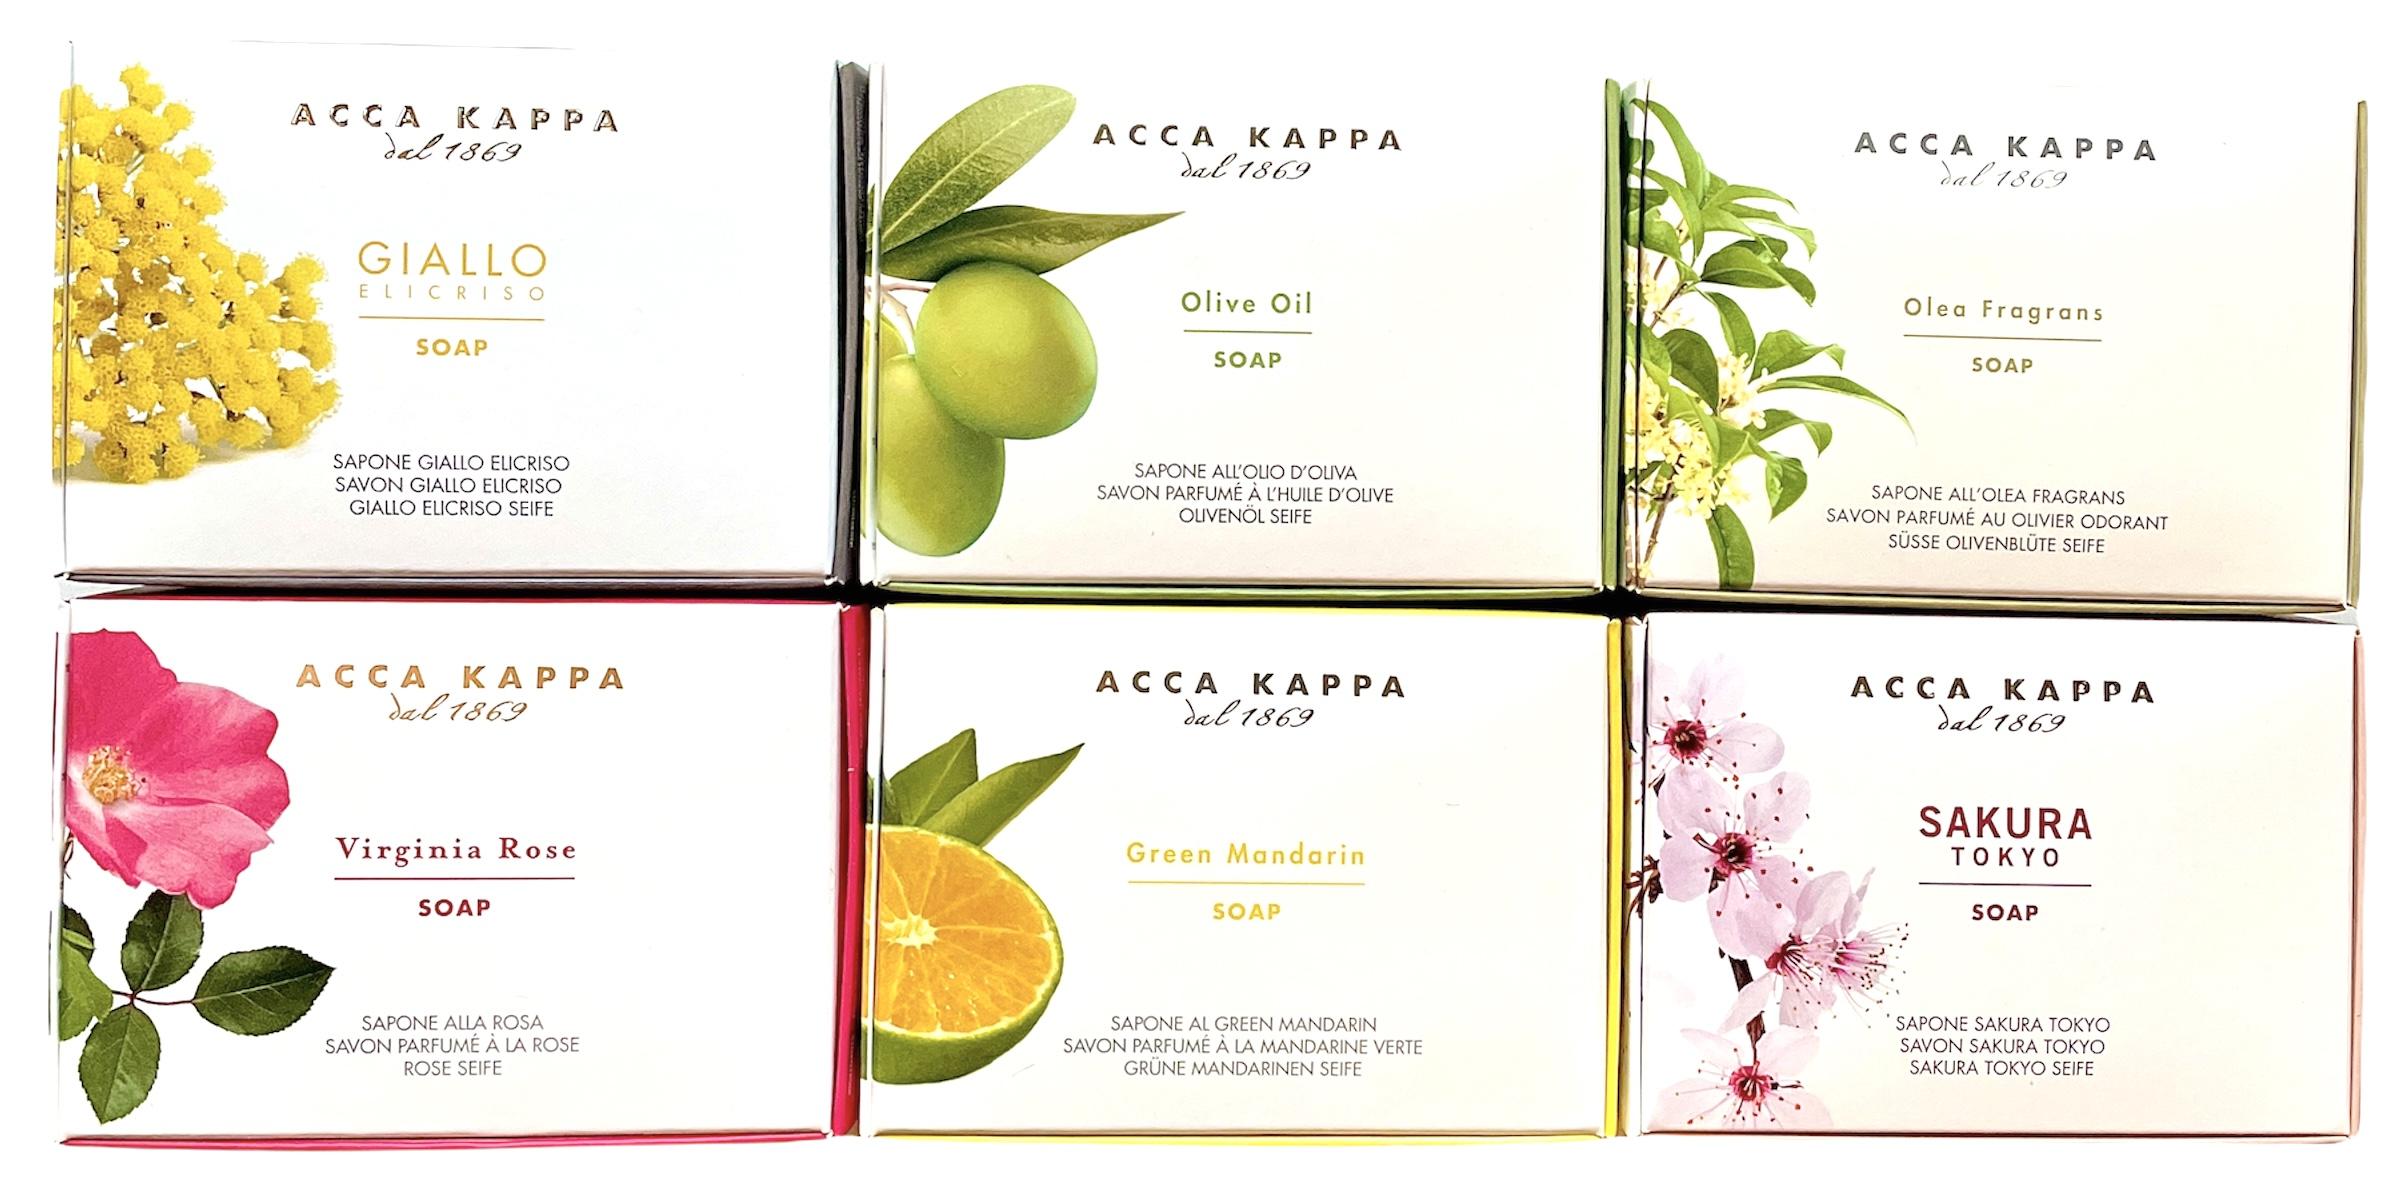 ACCA KAPPA - Seifen und Düfte aus Italien